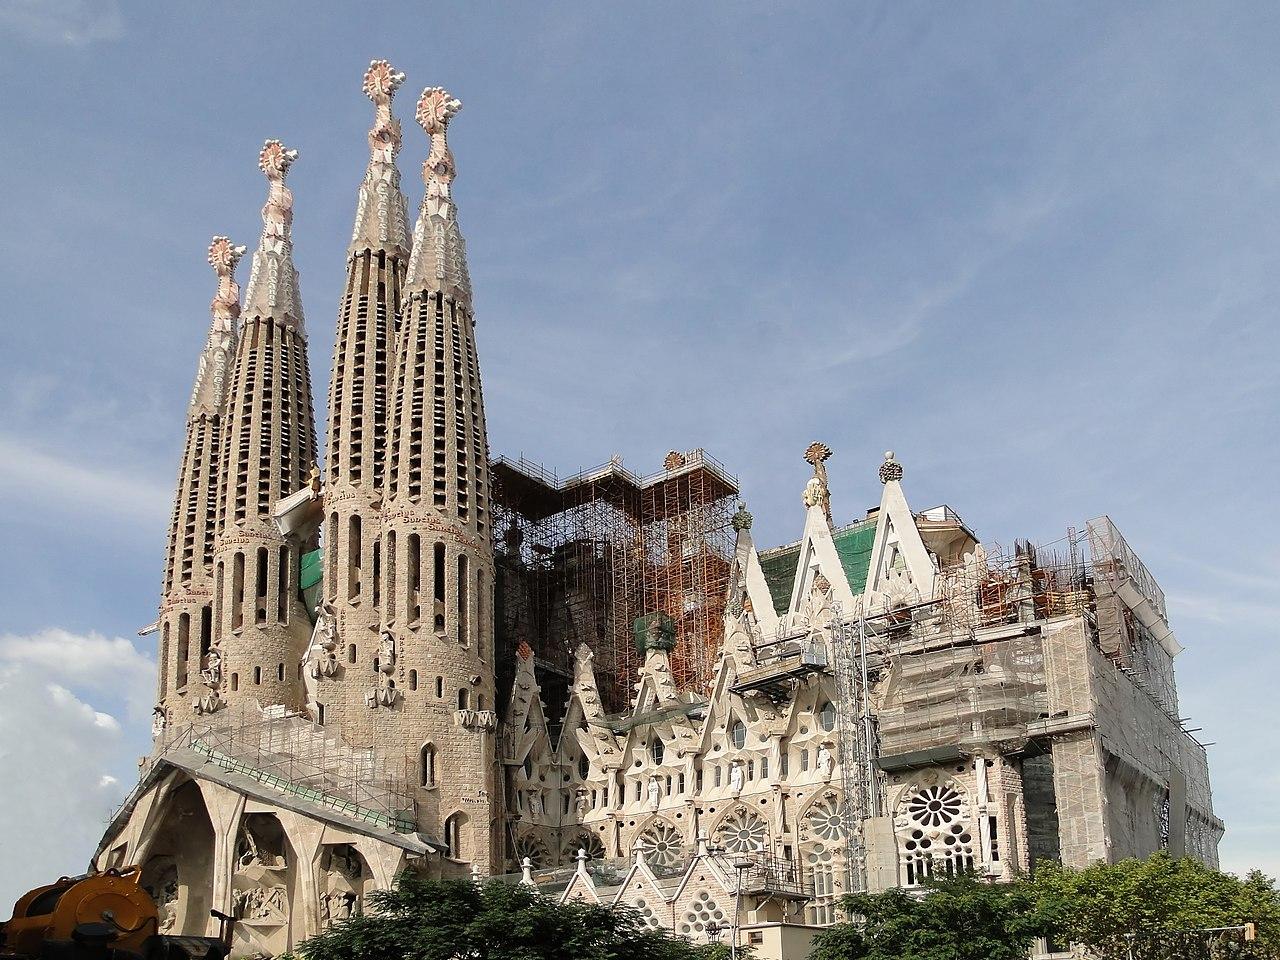 圣家堂(Sagrada Familia),历时130年还未完工就被列为世界遗产的建筑物 - wuwei1101 - 西花社